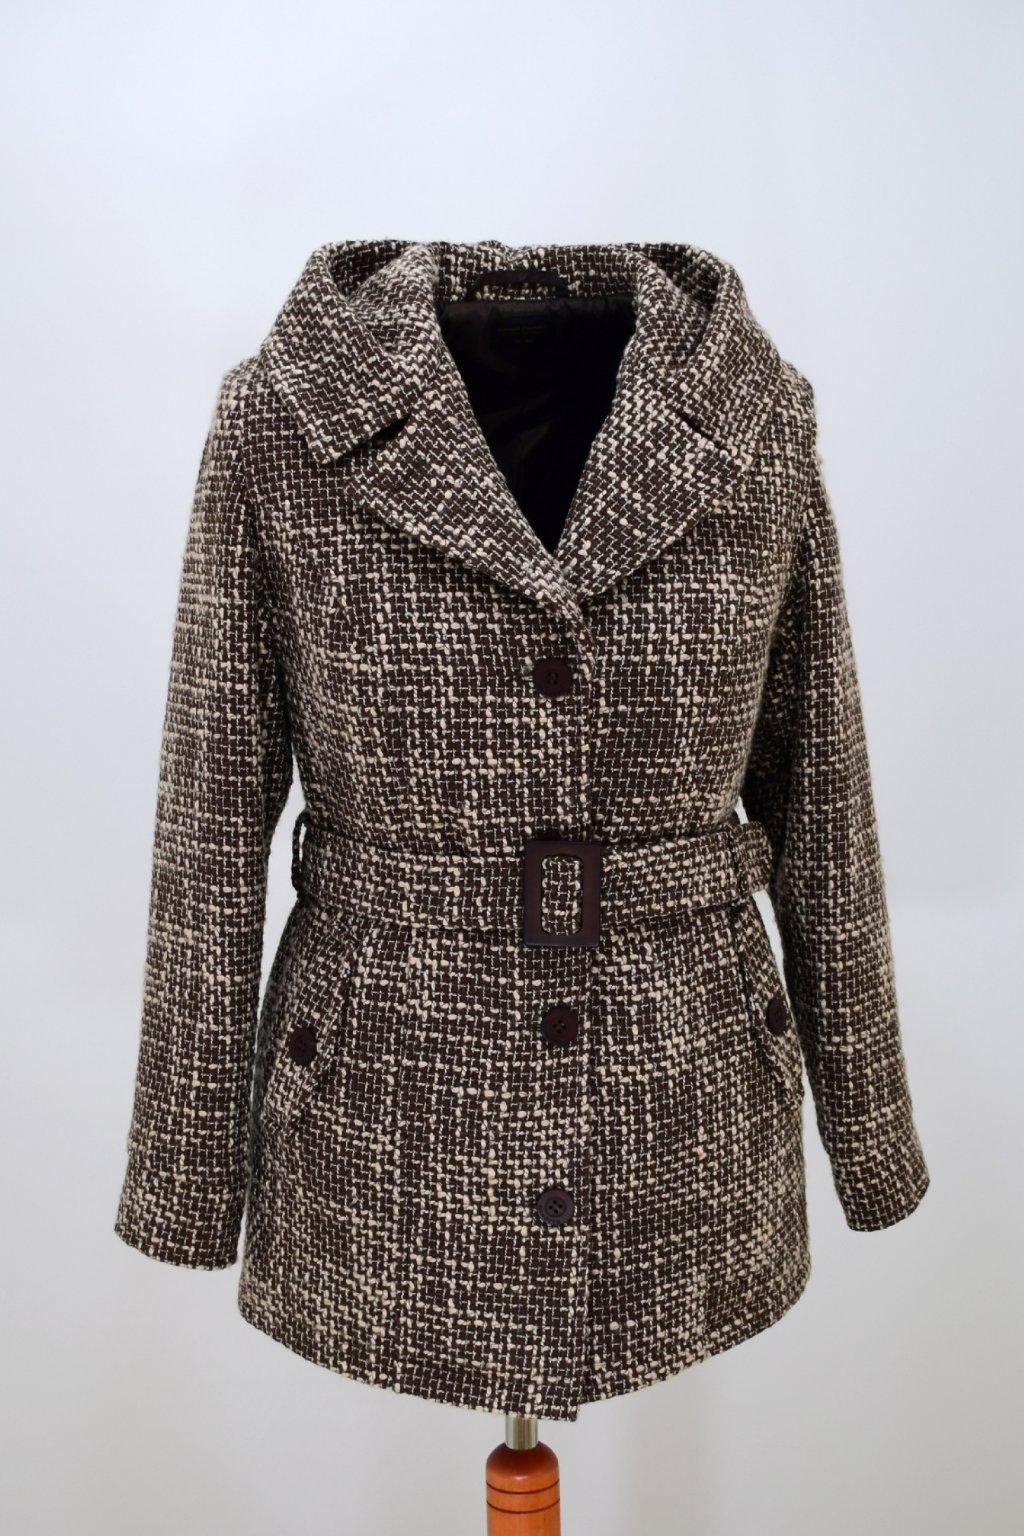 Dámský přechodový kabátek Aneta nadměrné velikosti